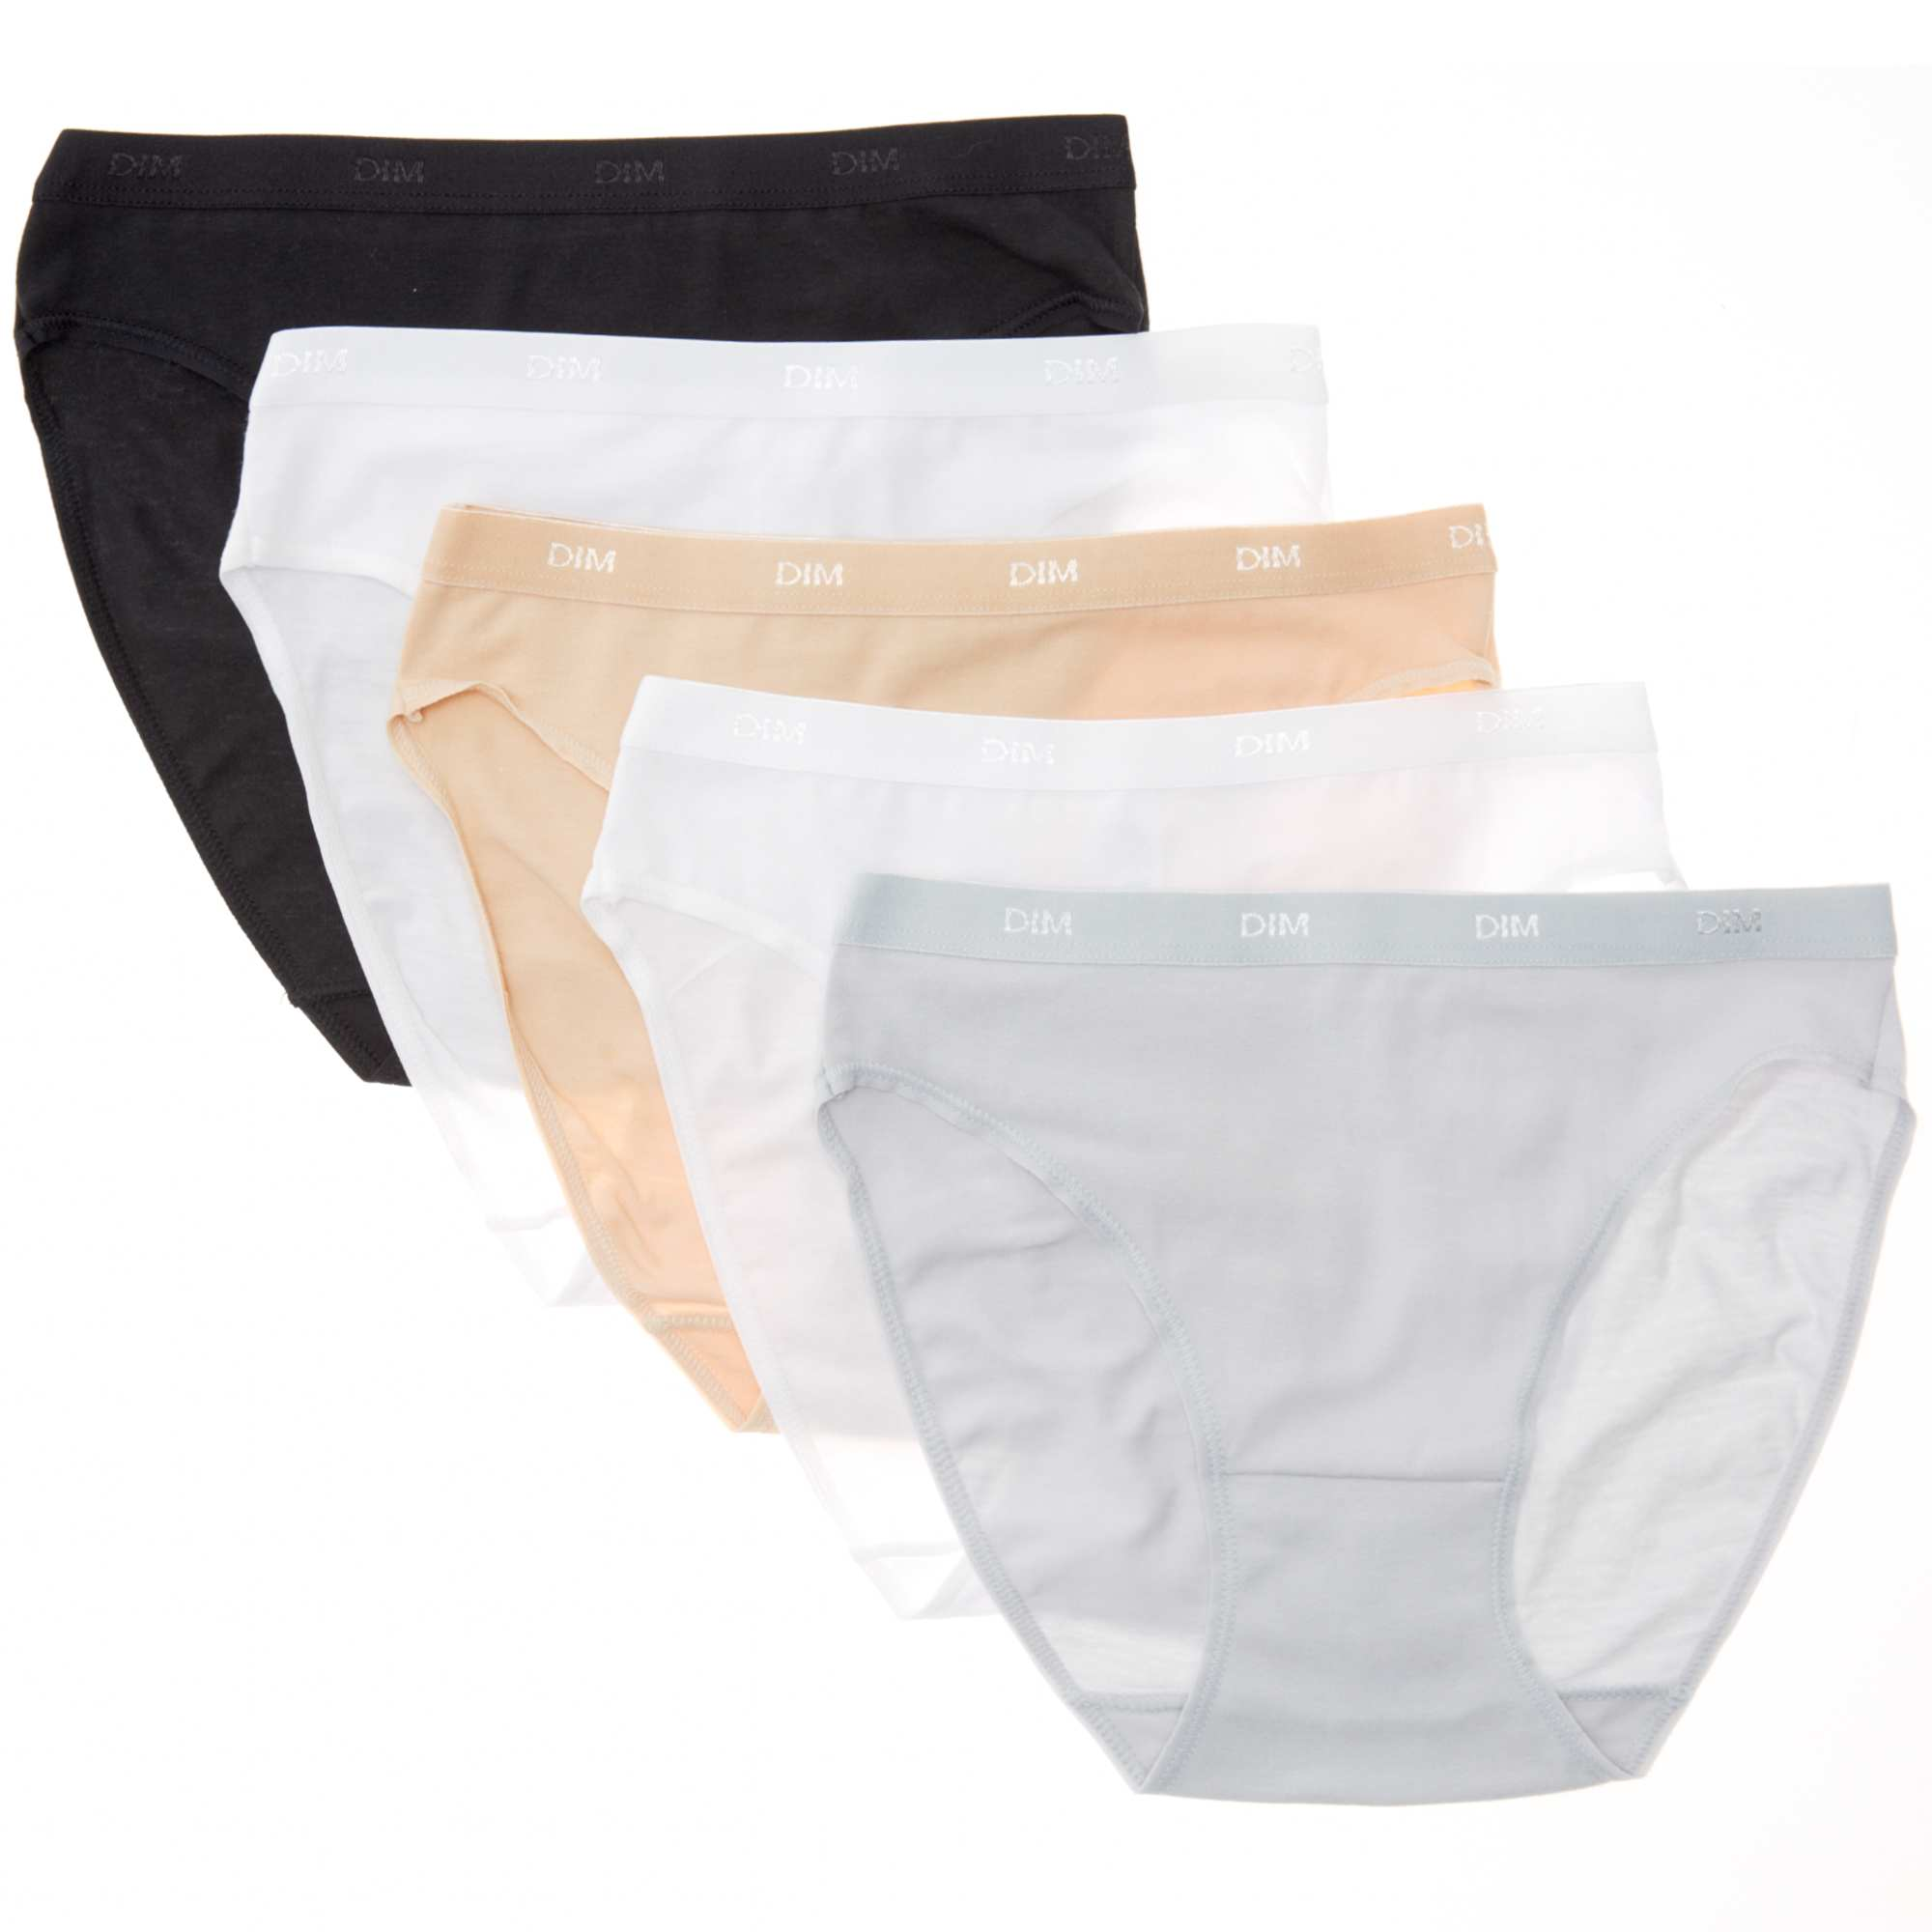 lot de 5 culottes coton stretch les pockets 39 dim 39 lingerie du s au xxl noir chair blanc gris. Black Bedroom Furniture Sets. Home Design Ideas